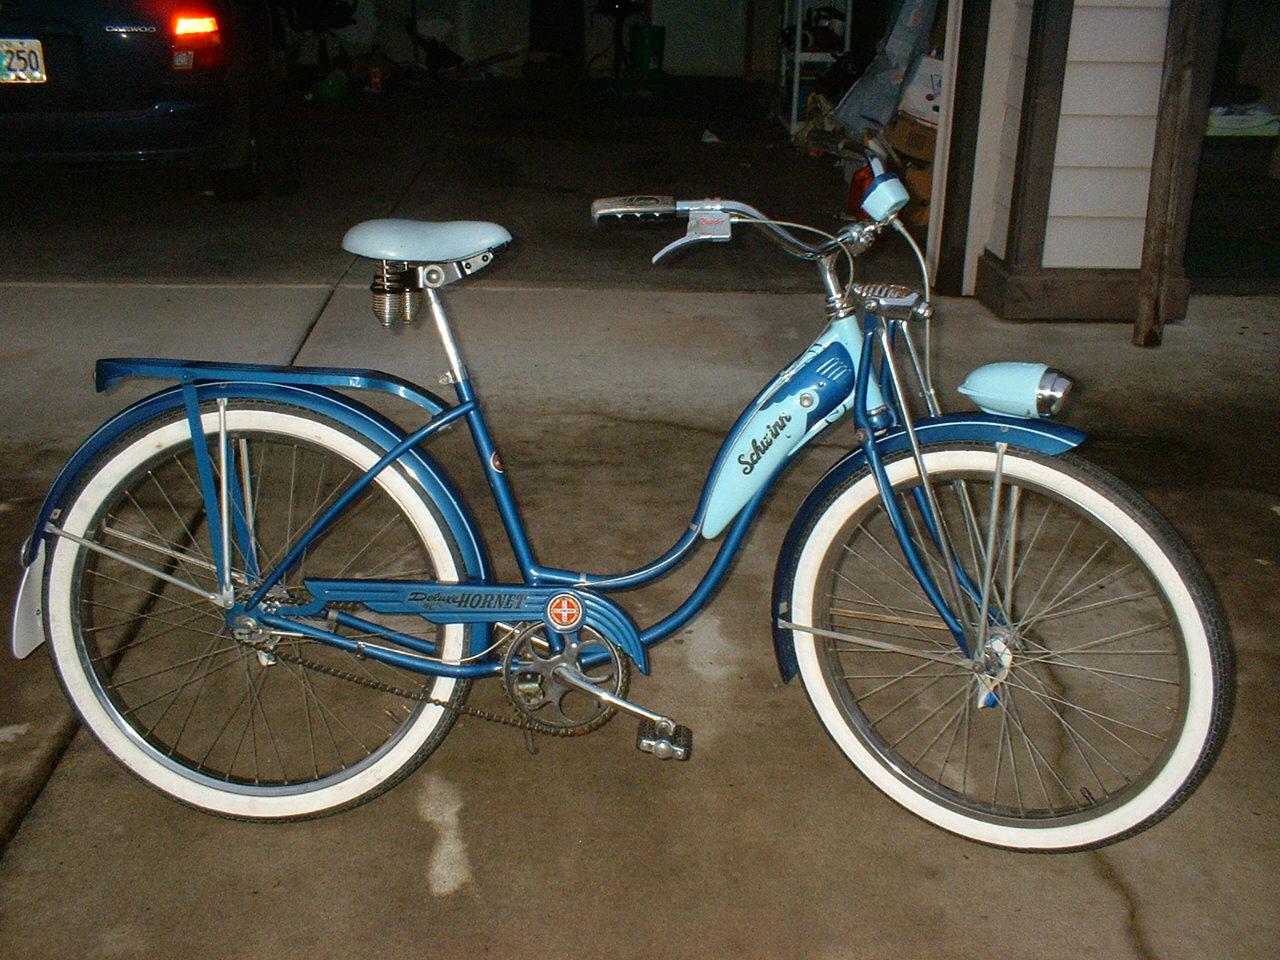 Tia's bike 003.jpg